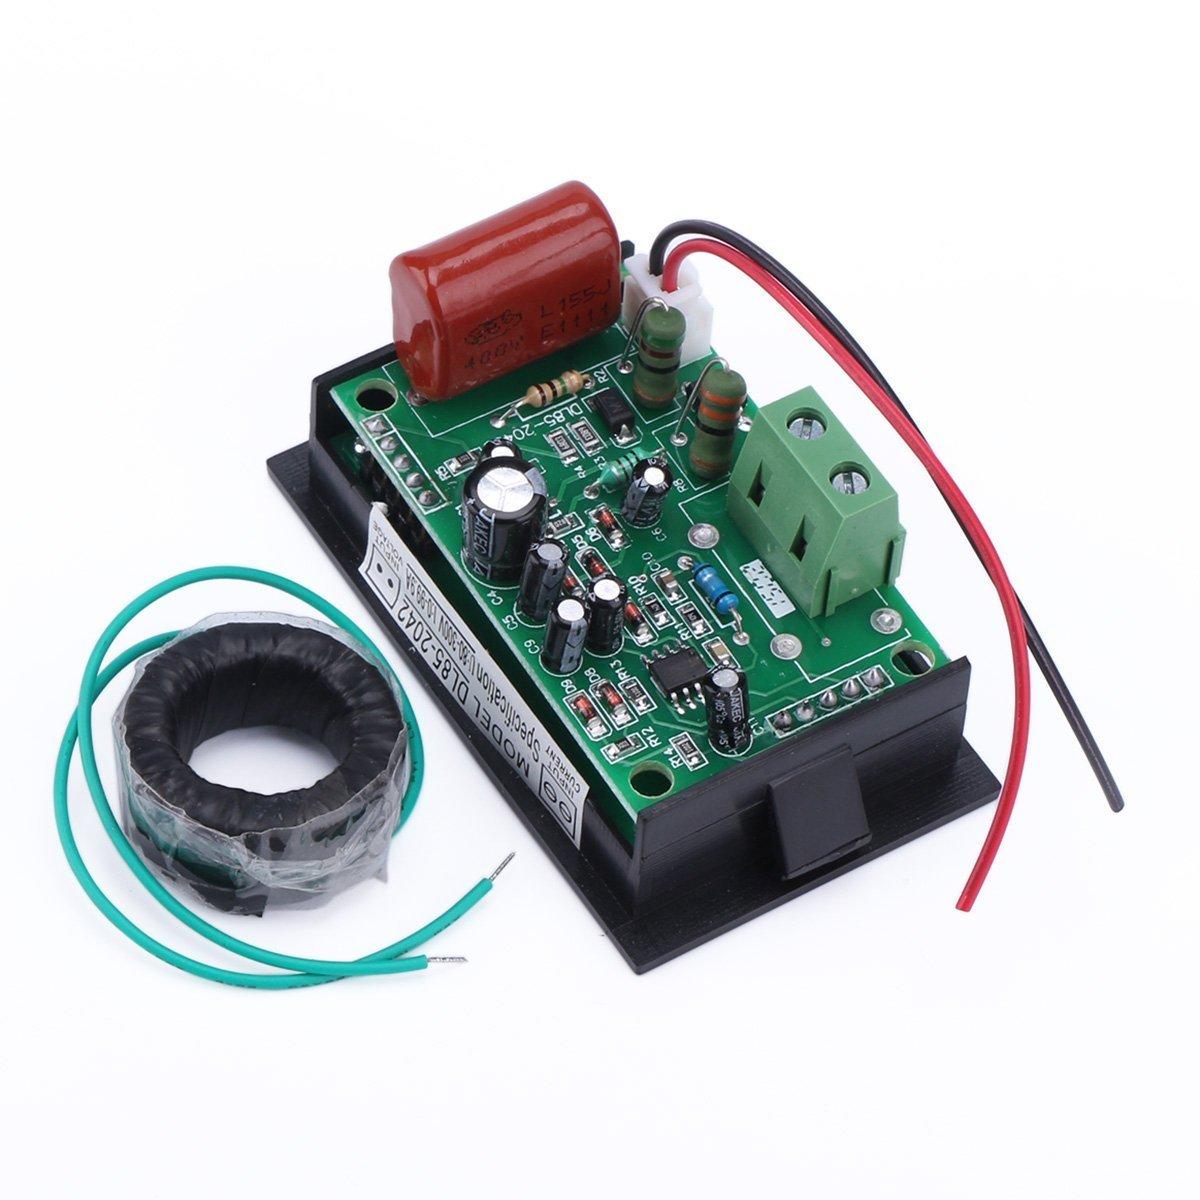 Droking 220 V//240 V 80 V-300 V//100 A Digital AC Current Meter Volt Amperometro Gauge Trasformatore Sensore di Corrente Sensore Trasformatore LED Dual Displayr Voltmetro Gauge